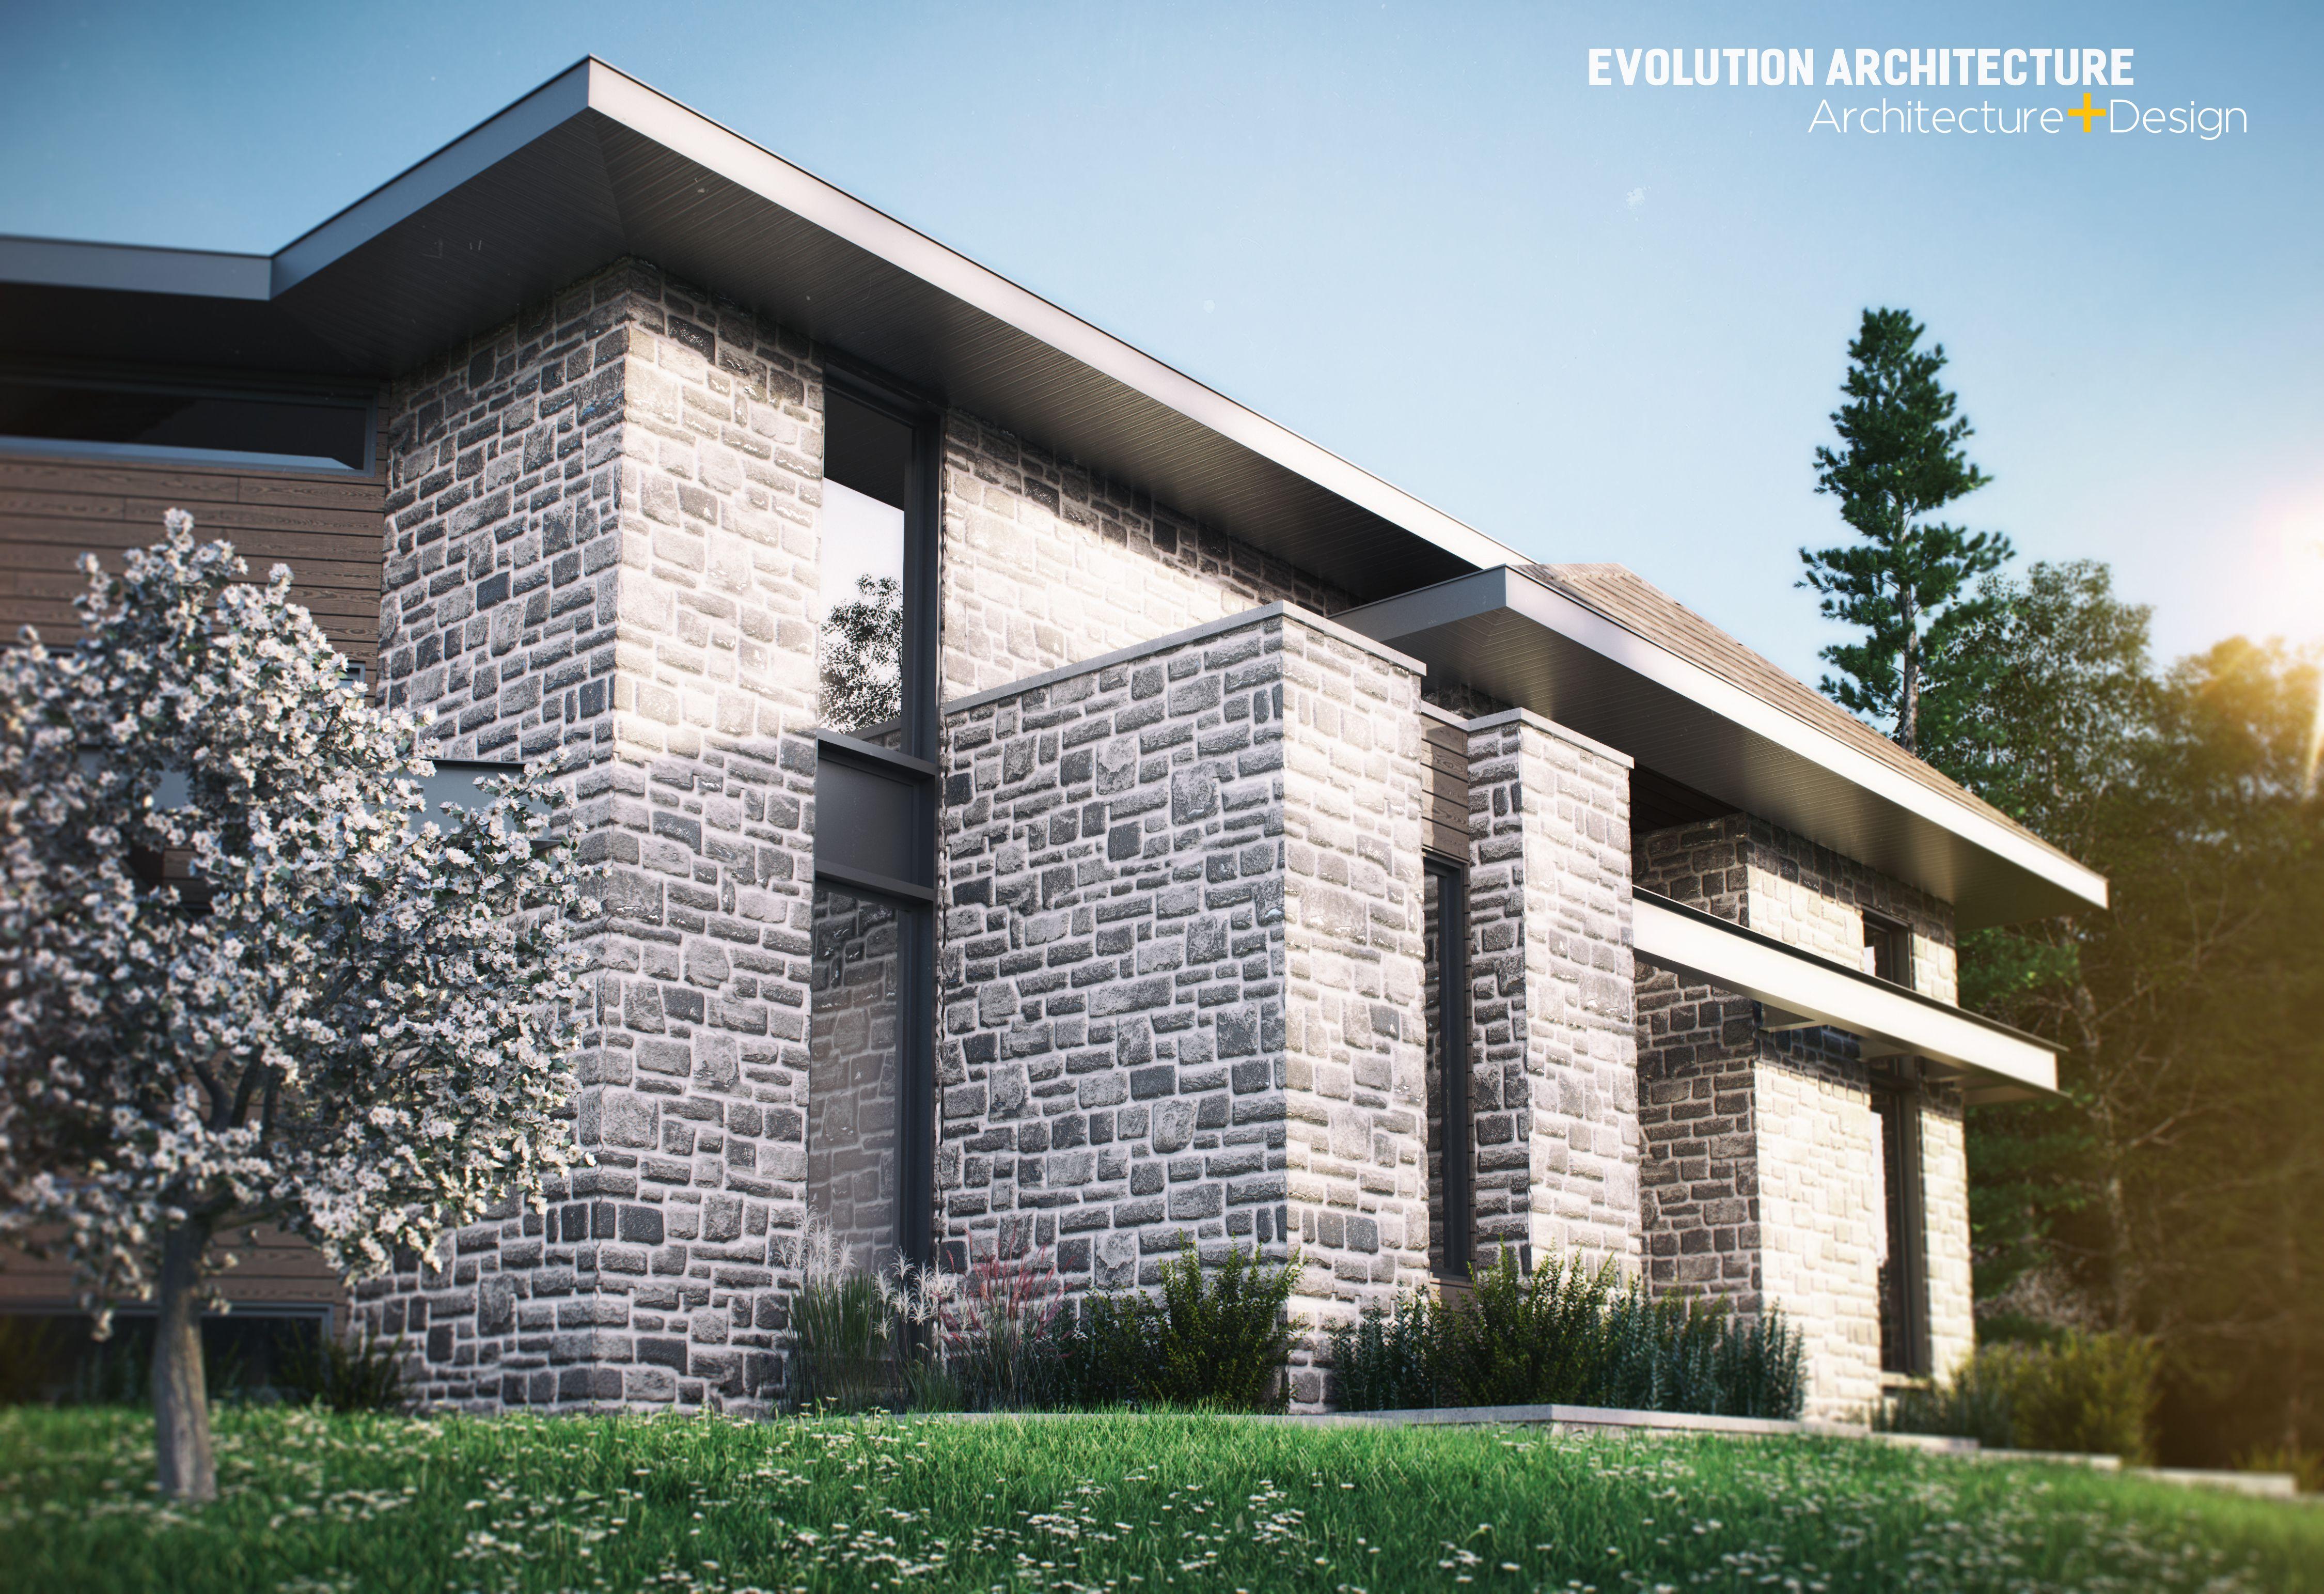 #Architecture#maison #contemporaine #création Exclusive E 970 #moderne # Design